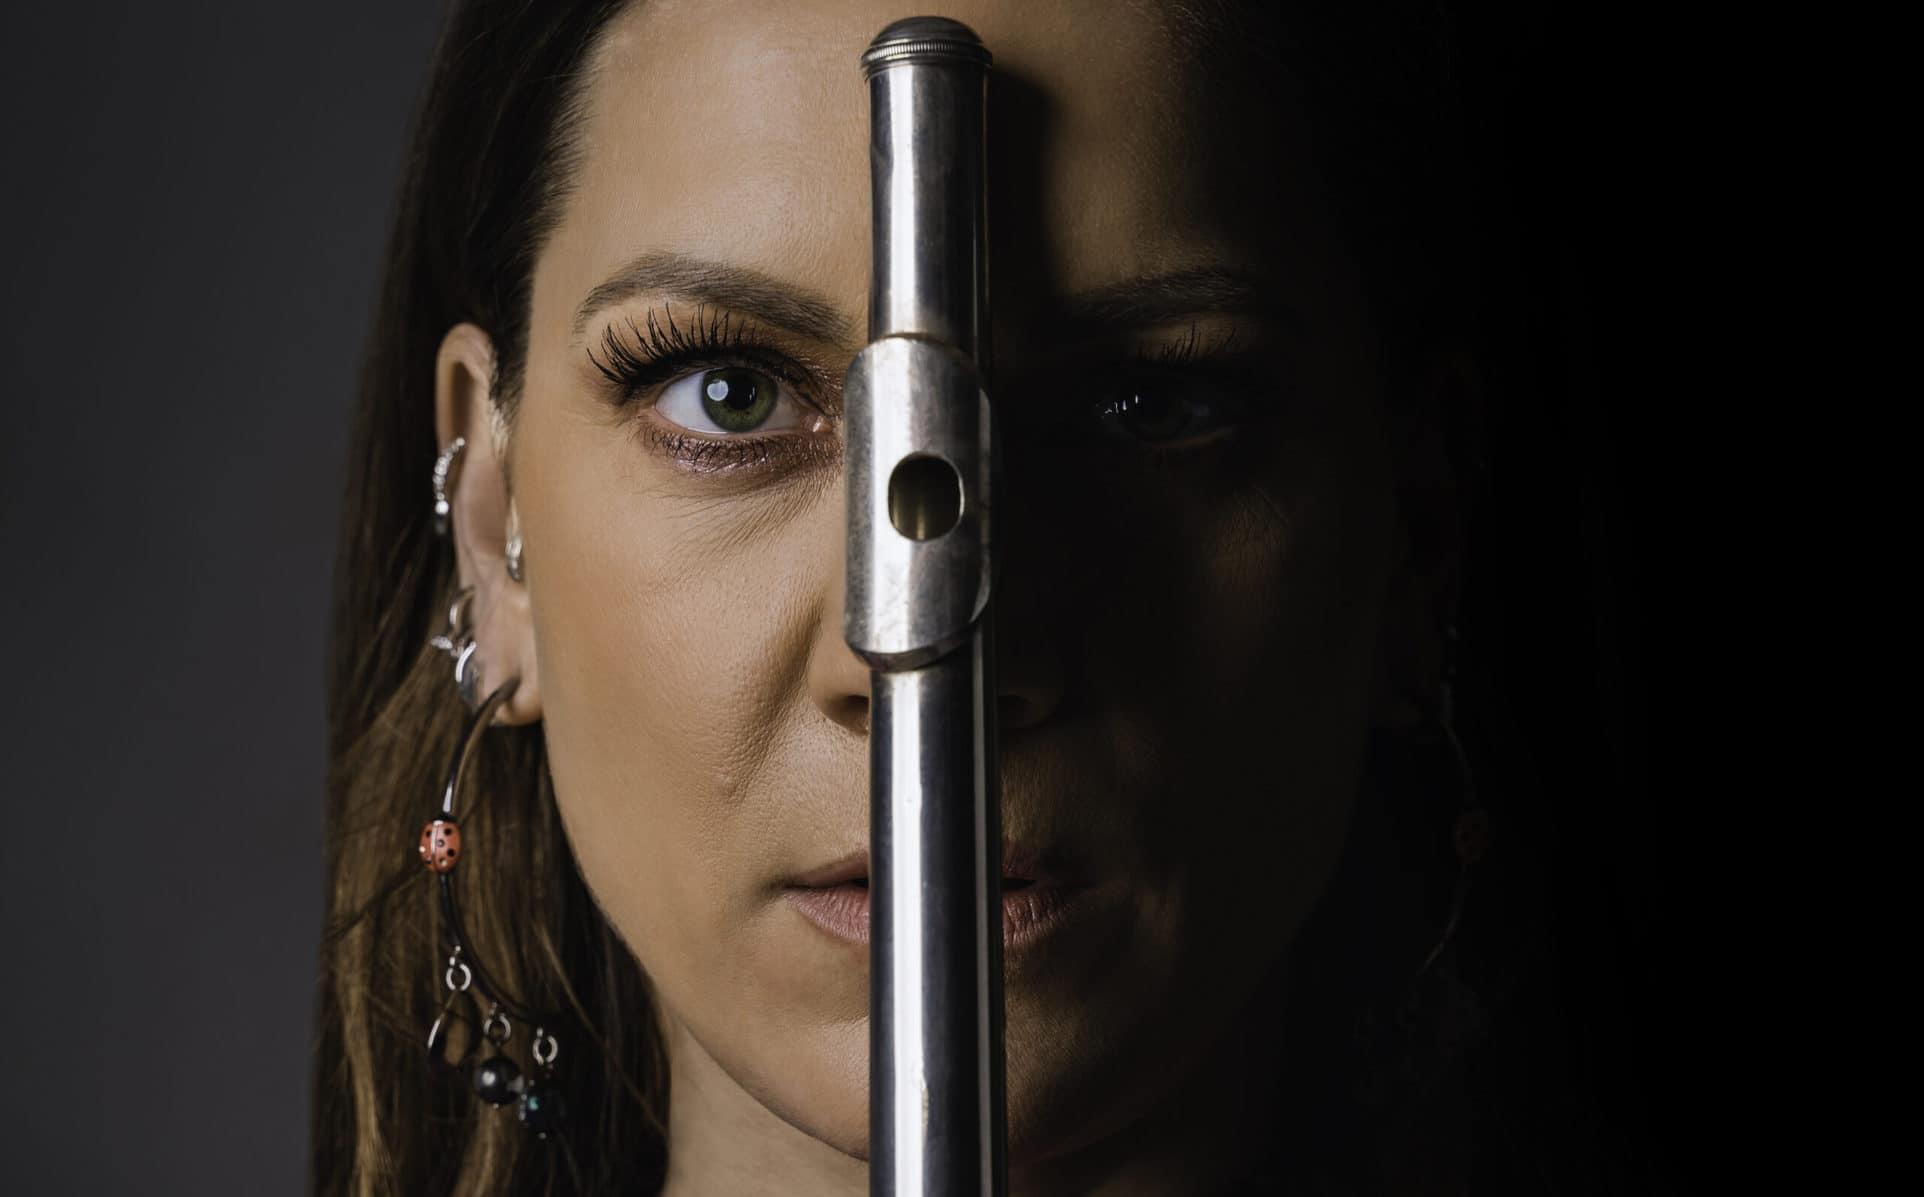 Lana S. za pjesmu 'Uzmi me' predstavila potpuno drugačiji video spot